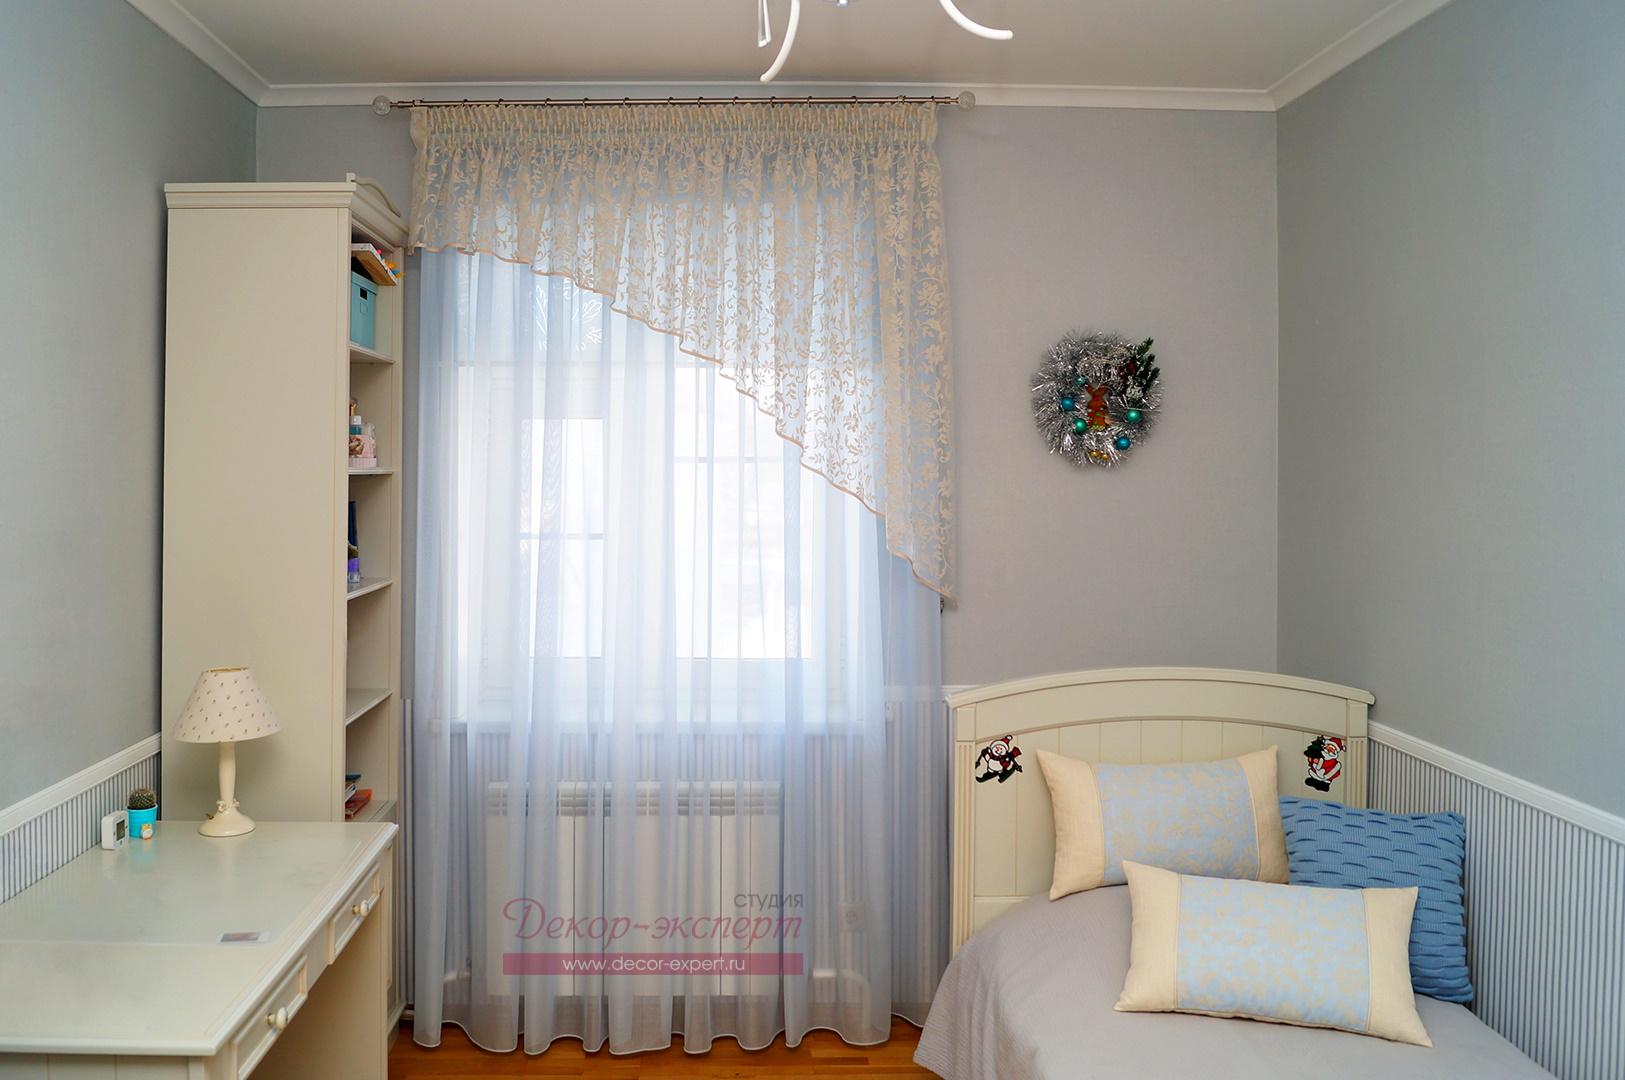 Общий вид нового текстильного декора окна в комнате девочки.